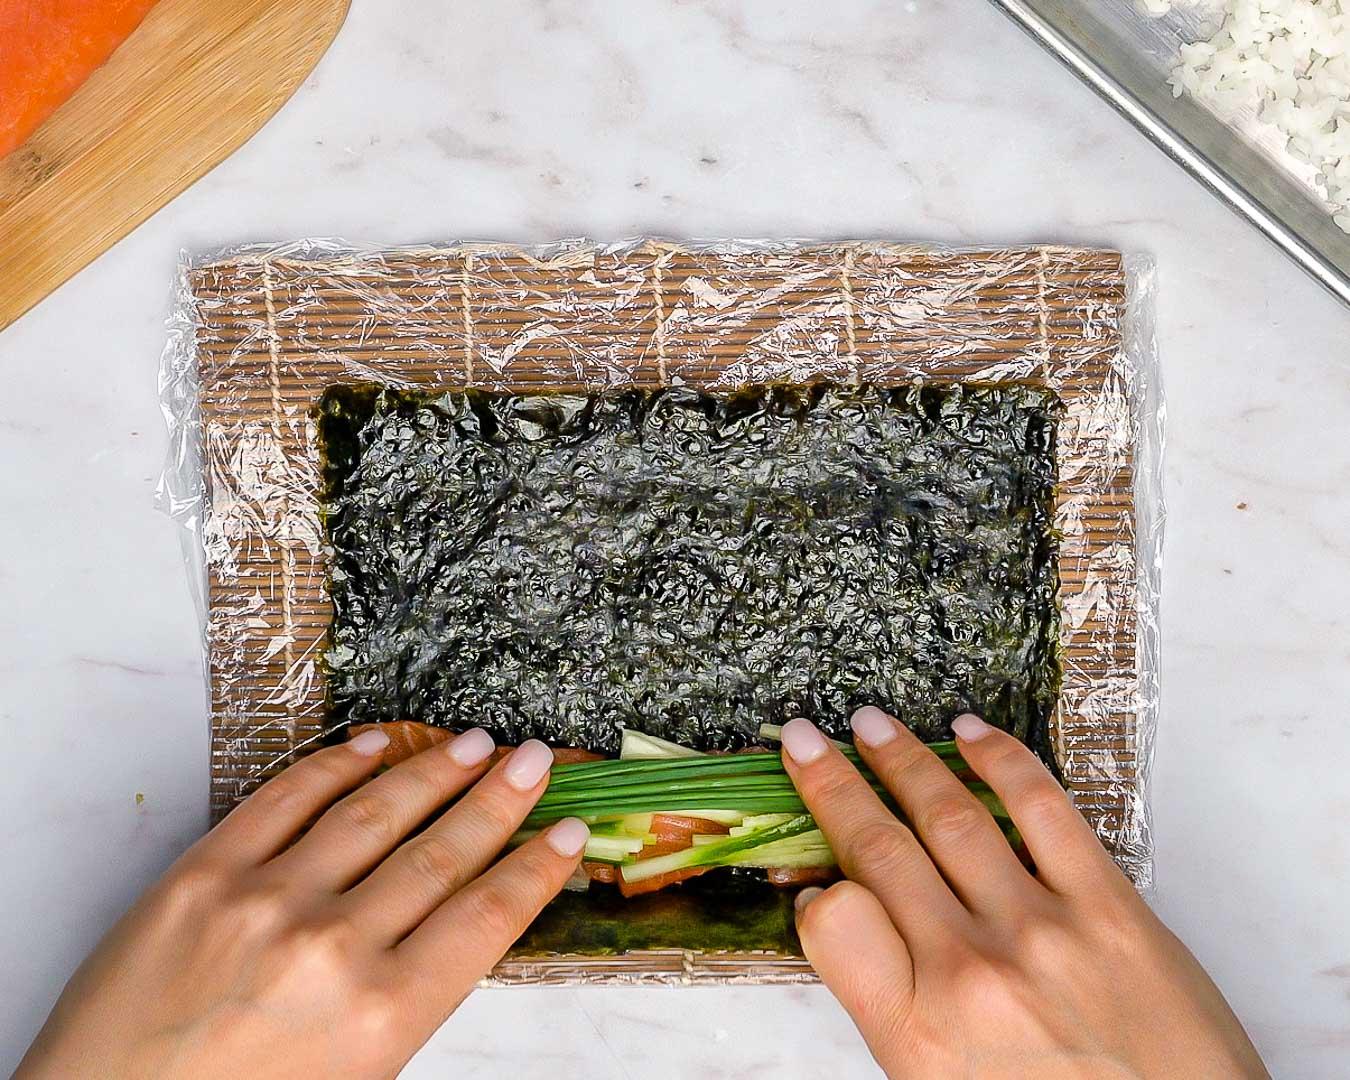 Cum Se Face Sushi Acasa - 4 Retete Simple De Sushi 7